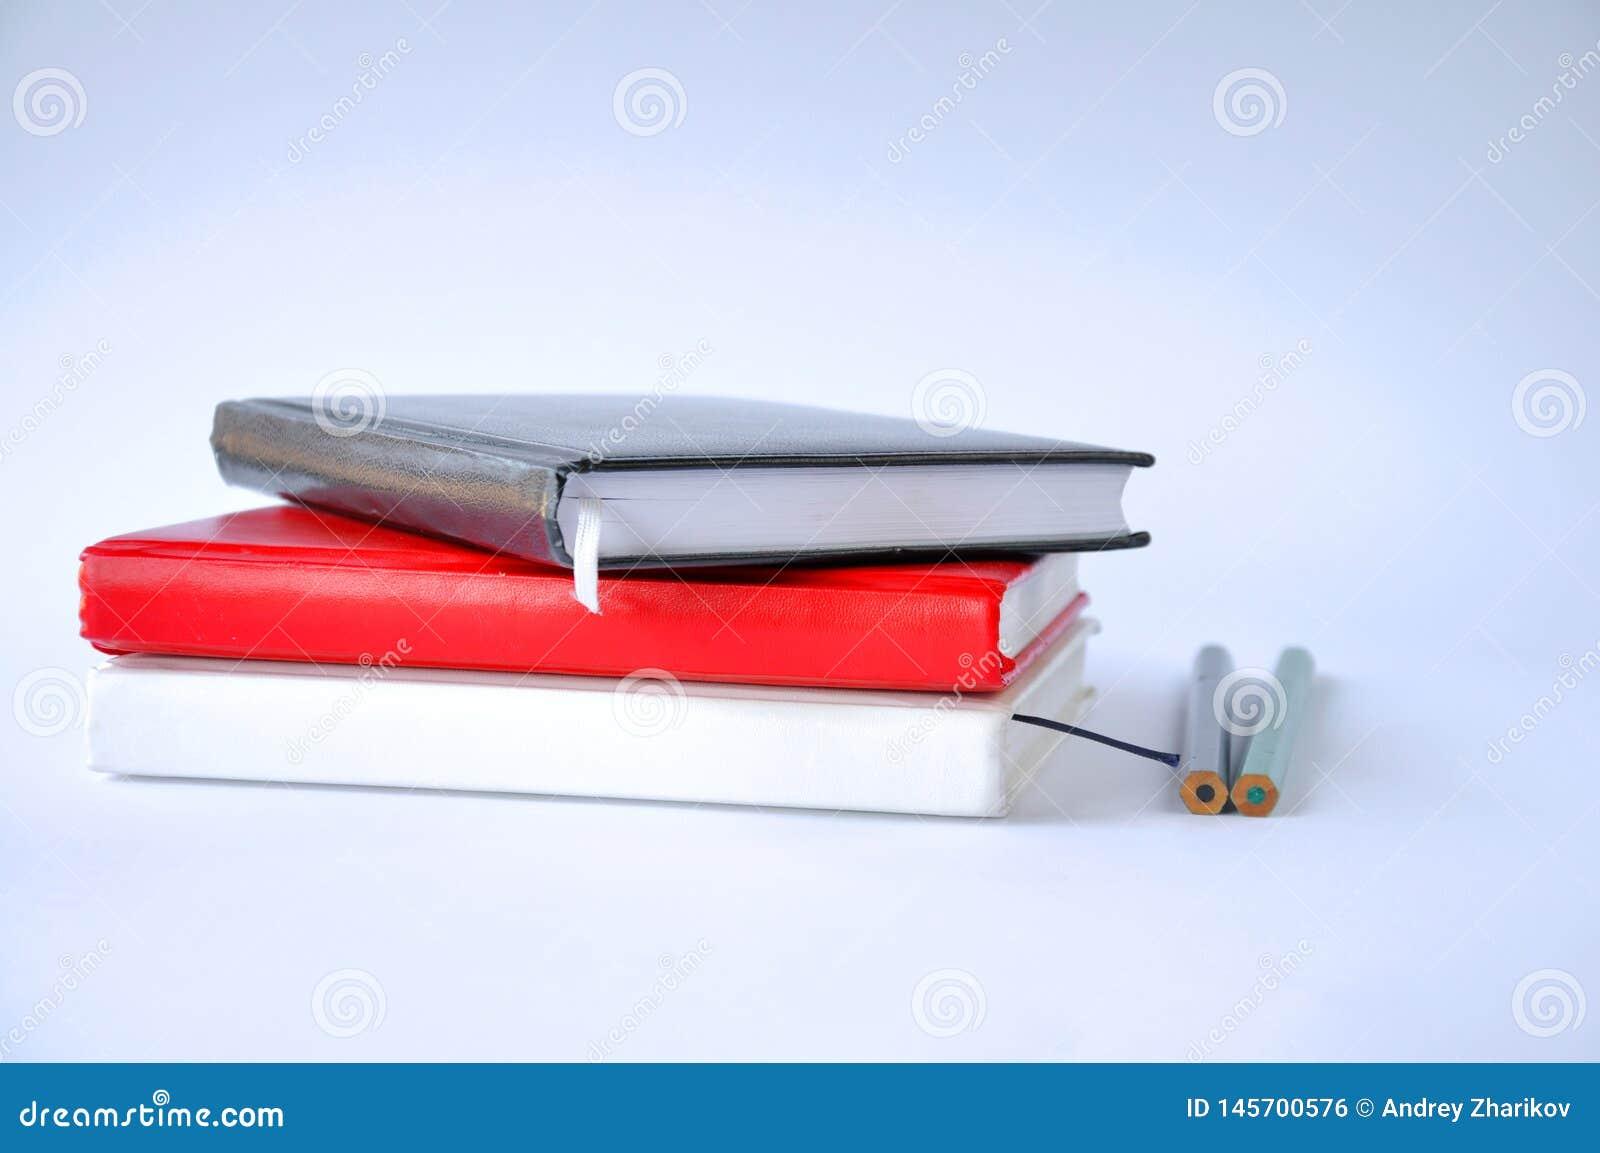 Διάφορα σημειωματάρια σε έναν πίνακα με ένα μολύβι σε ένα άσπρο υπόβαθρο